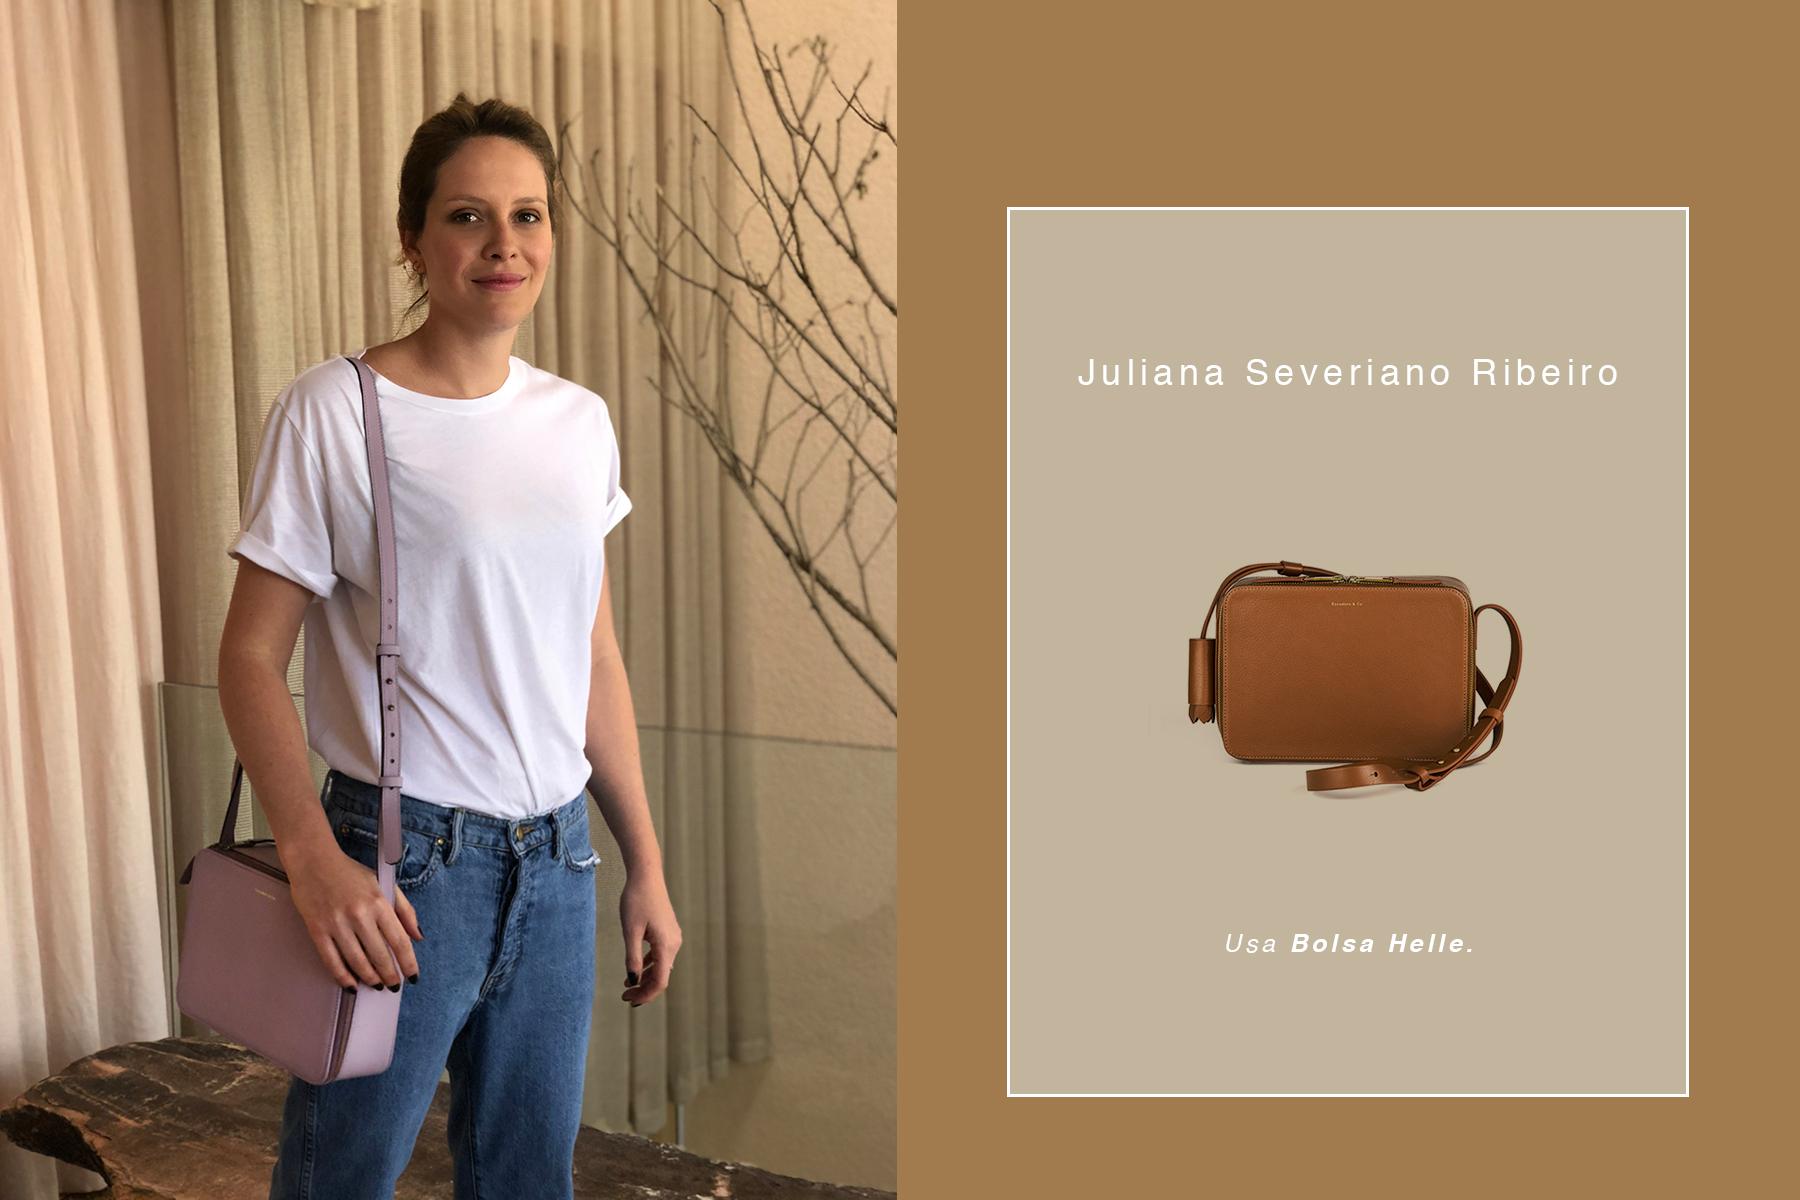 2fcd31a53 Juliana Severiano Ribeiro, mulher importante no meio da moda, usa nosso  modelo ícone, a Bolsa Helle.